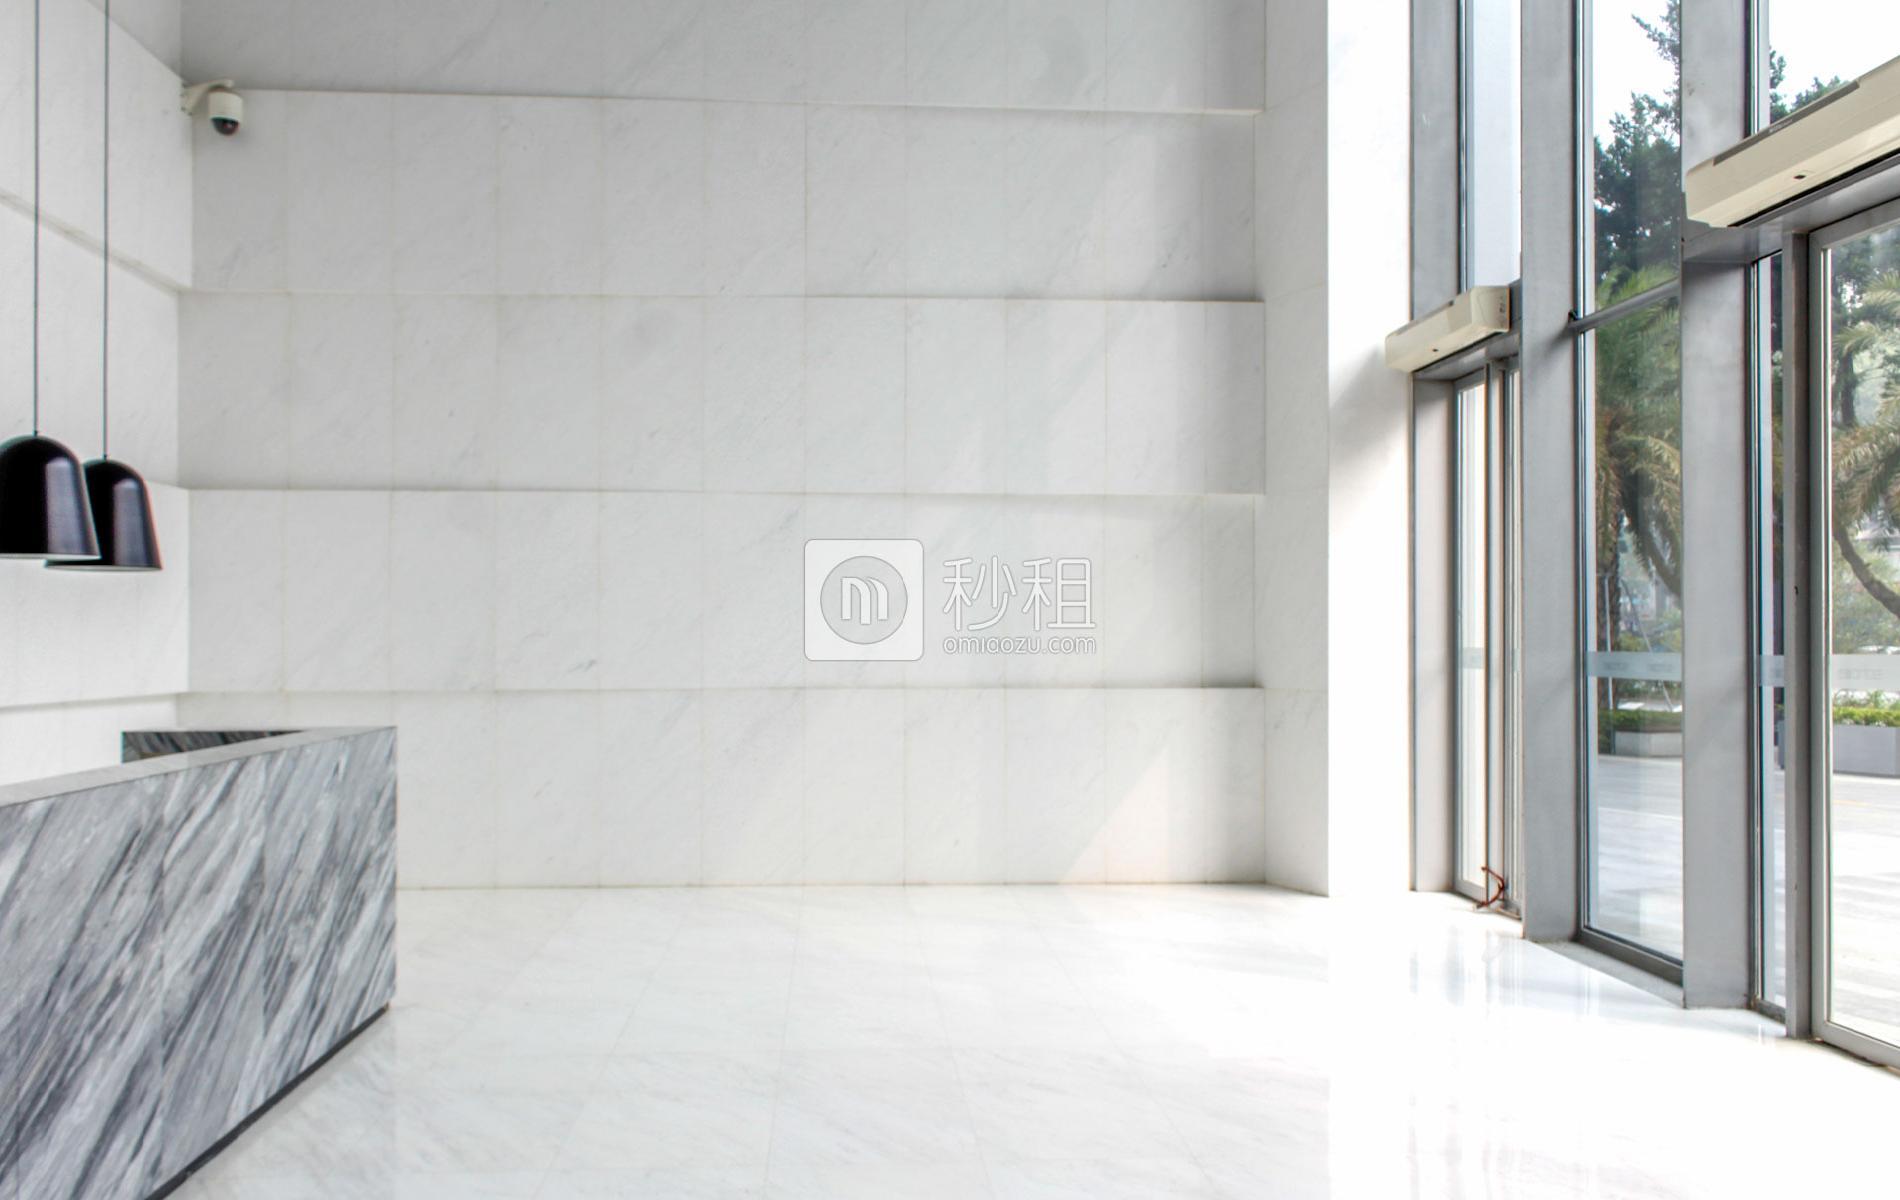 满京华·SOHO艺峦大厦写字楼出租/招租/租赁,满京华·SOHO艺峦大厦办公室出租/招租/租赁